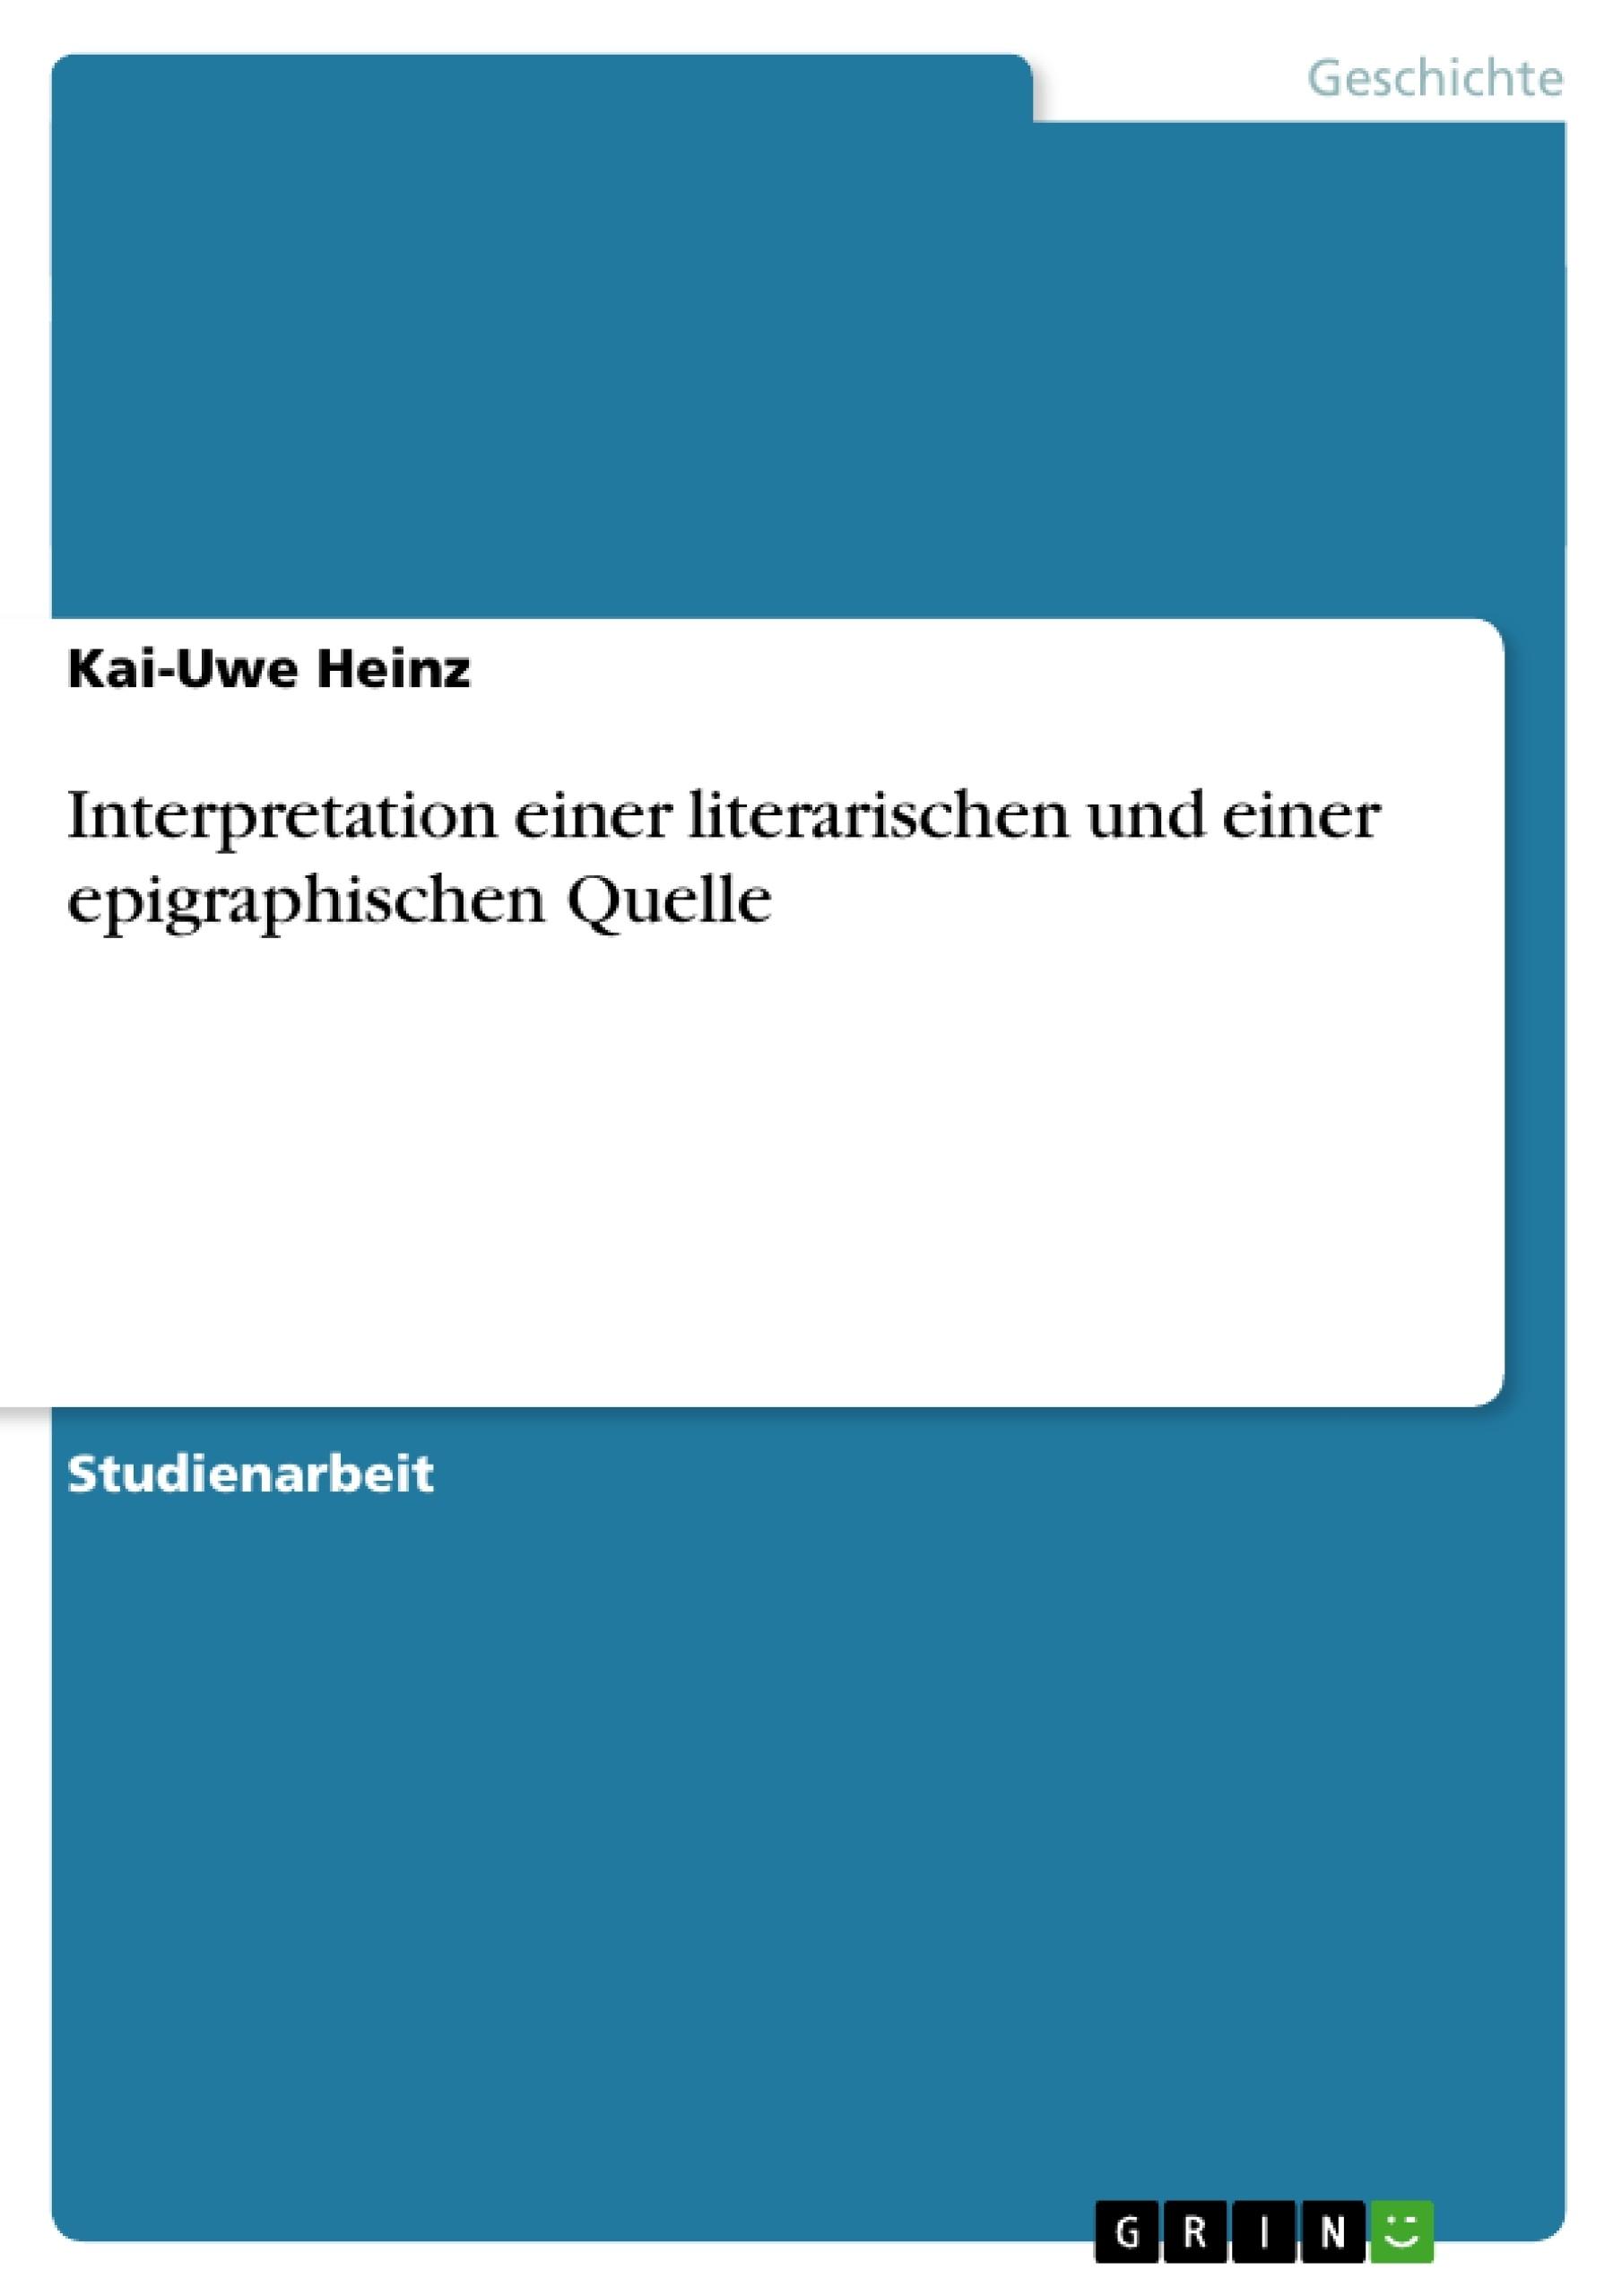 Titel: Interpretation einer literarischen und einer epigraphischen Quelle